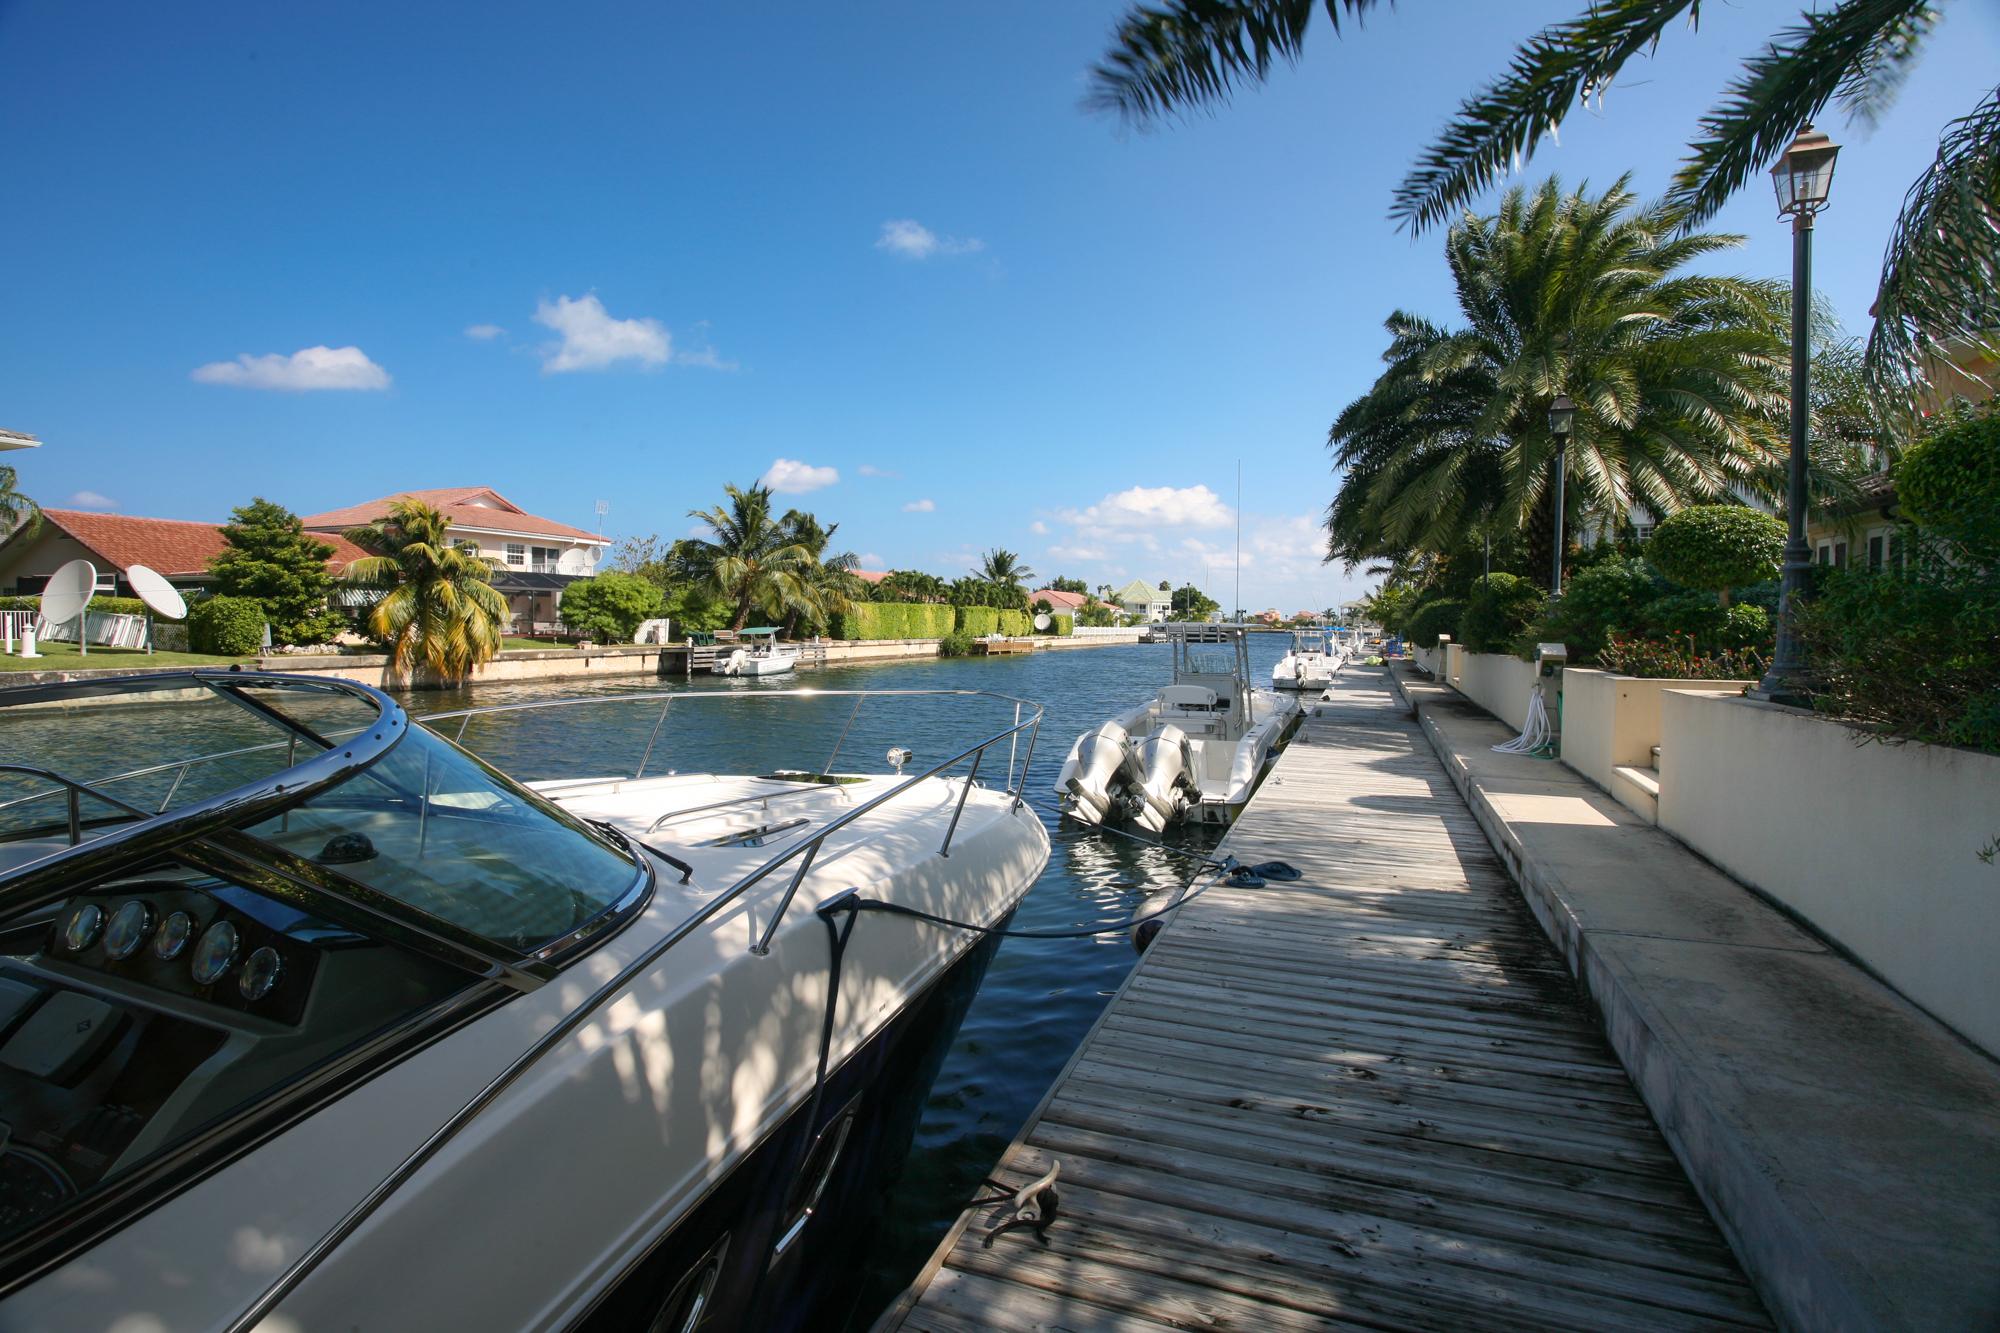 Property For Sale at Villa Venetia #2 - La Dolce Vita, Luxury Caribbean